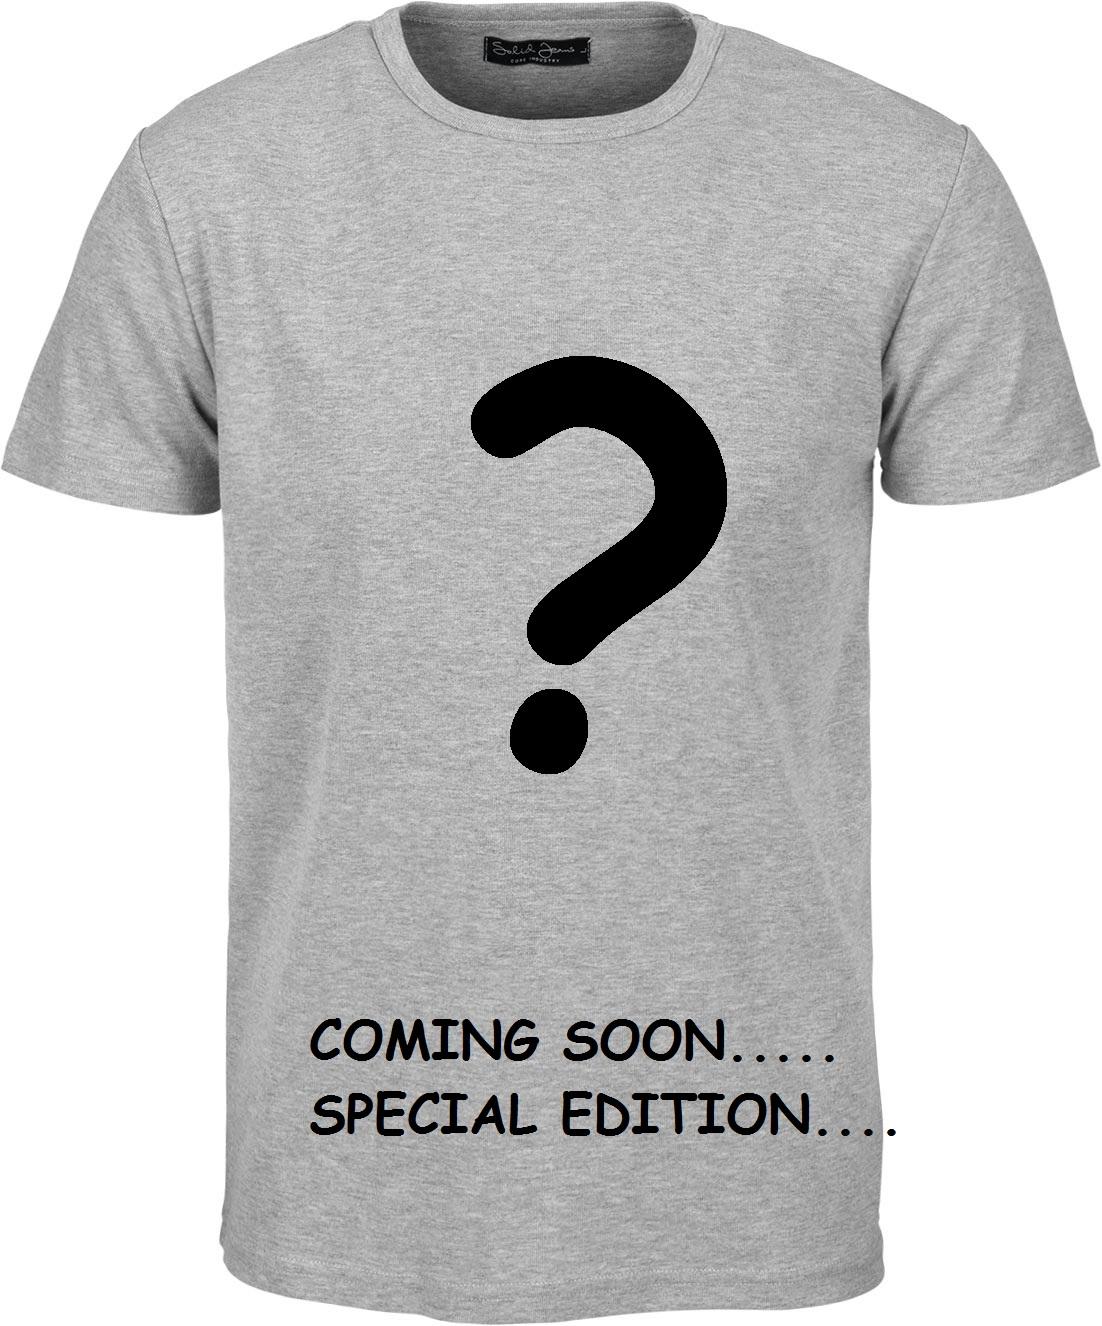 t-shirt-yccnl-2